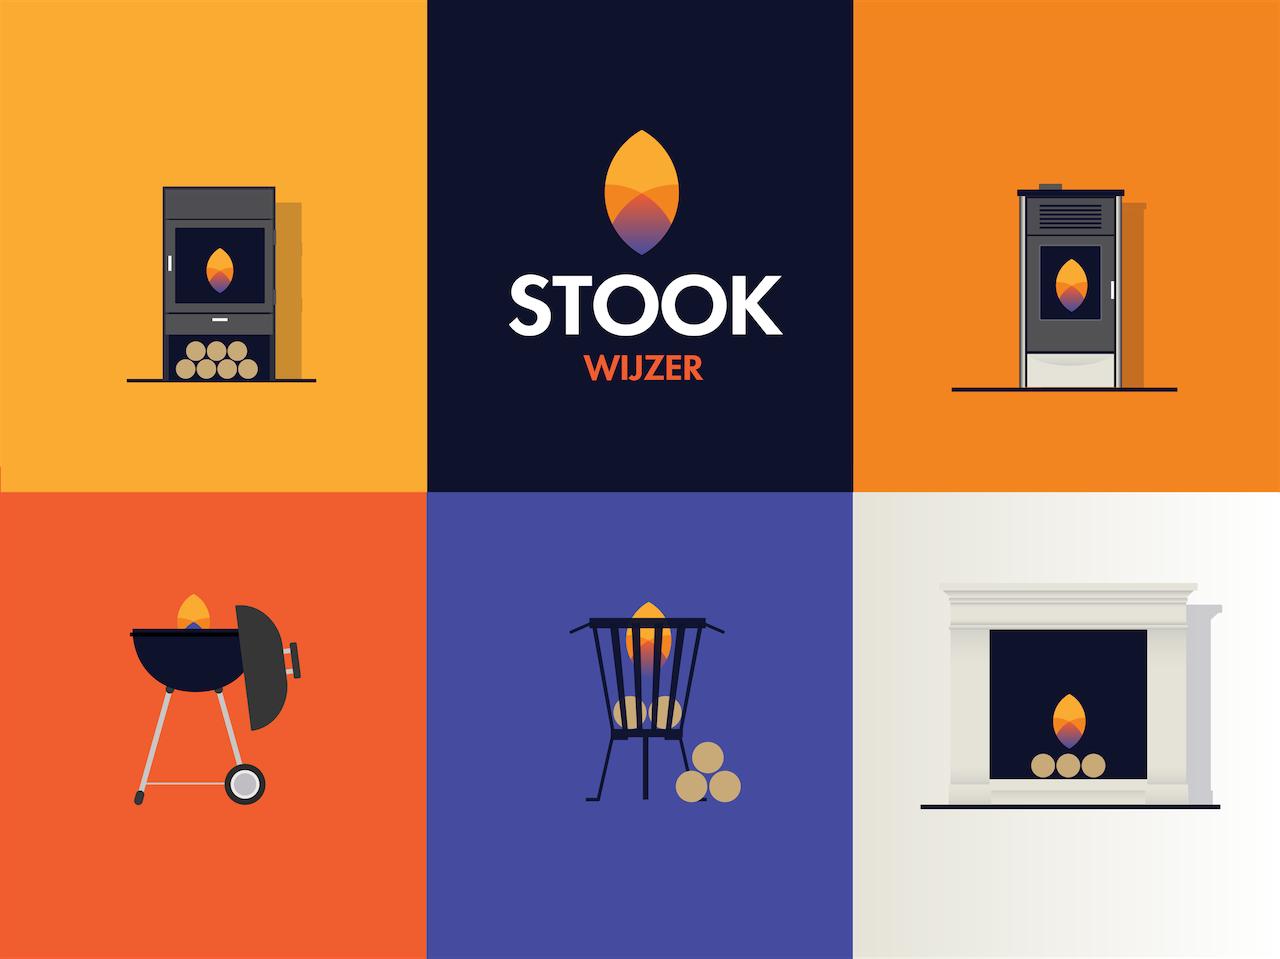 Illustraties van verschillende stook methodes